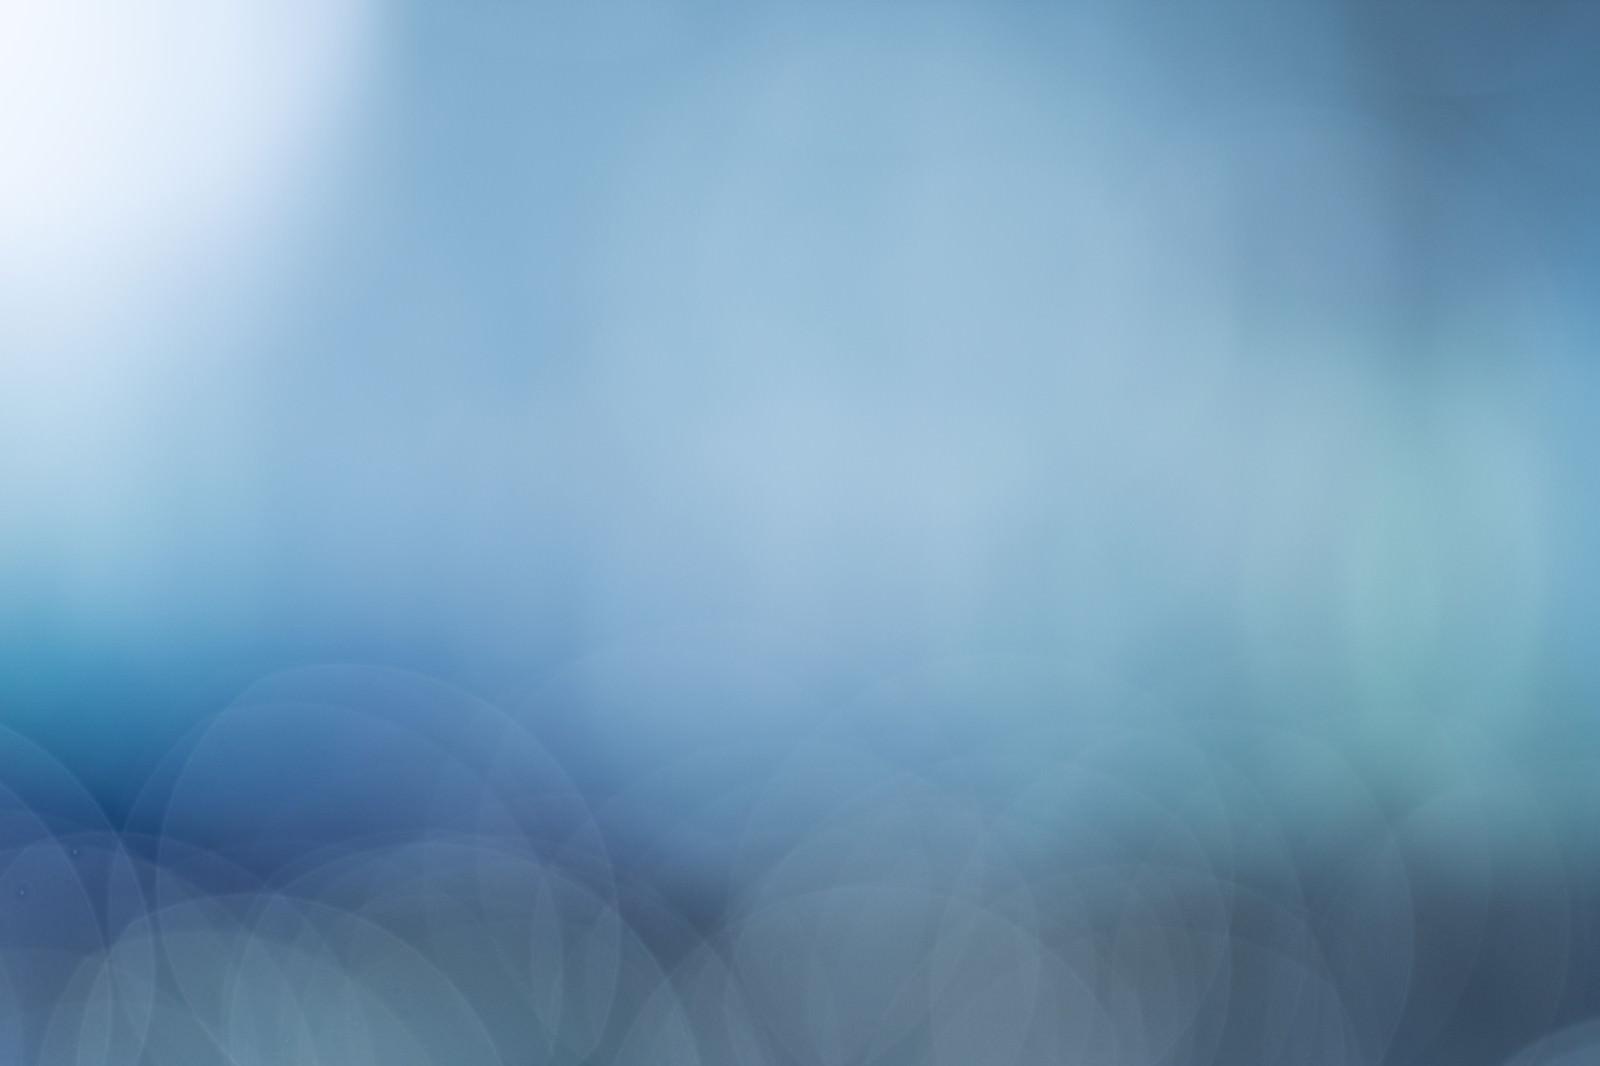 「深青の光」の写真